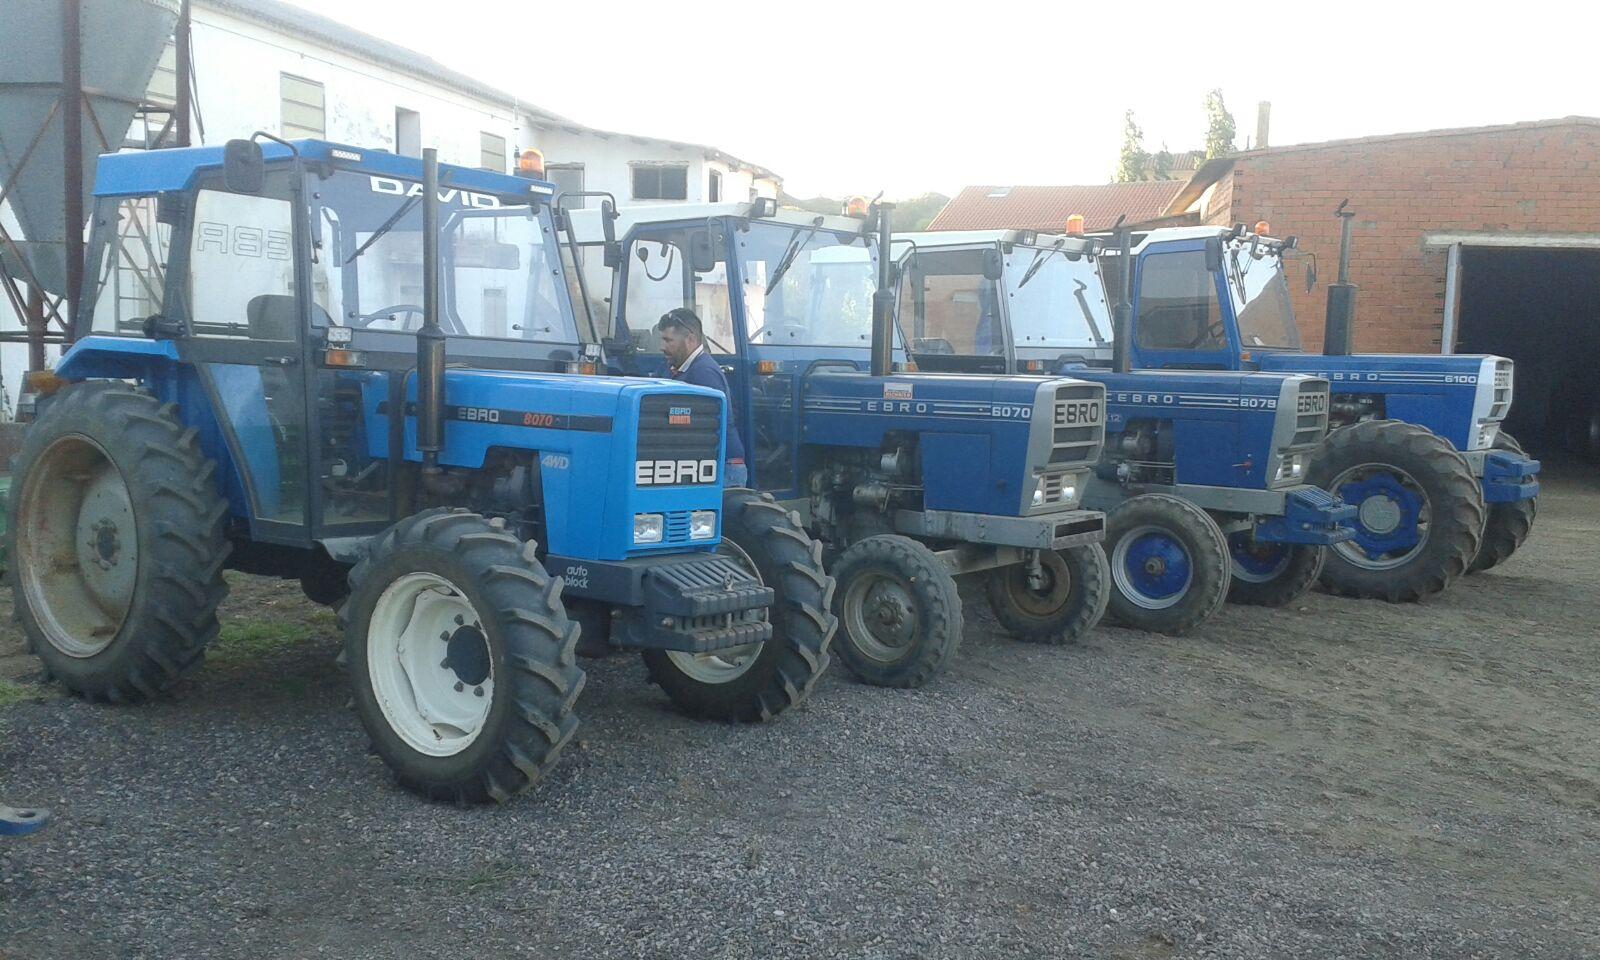 Ebro6100l-54